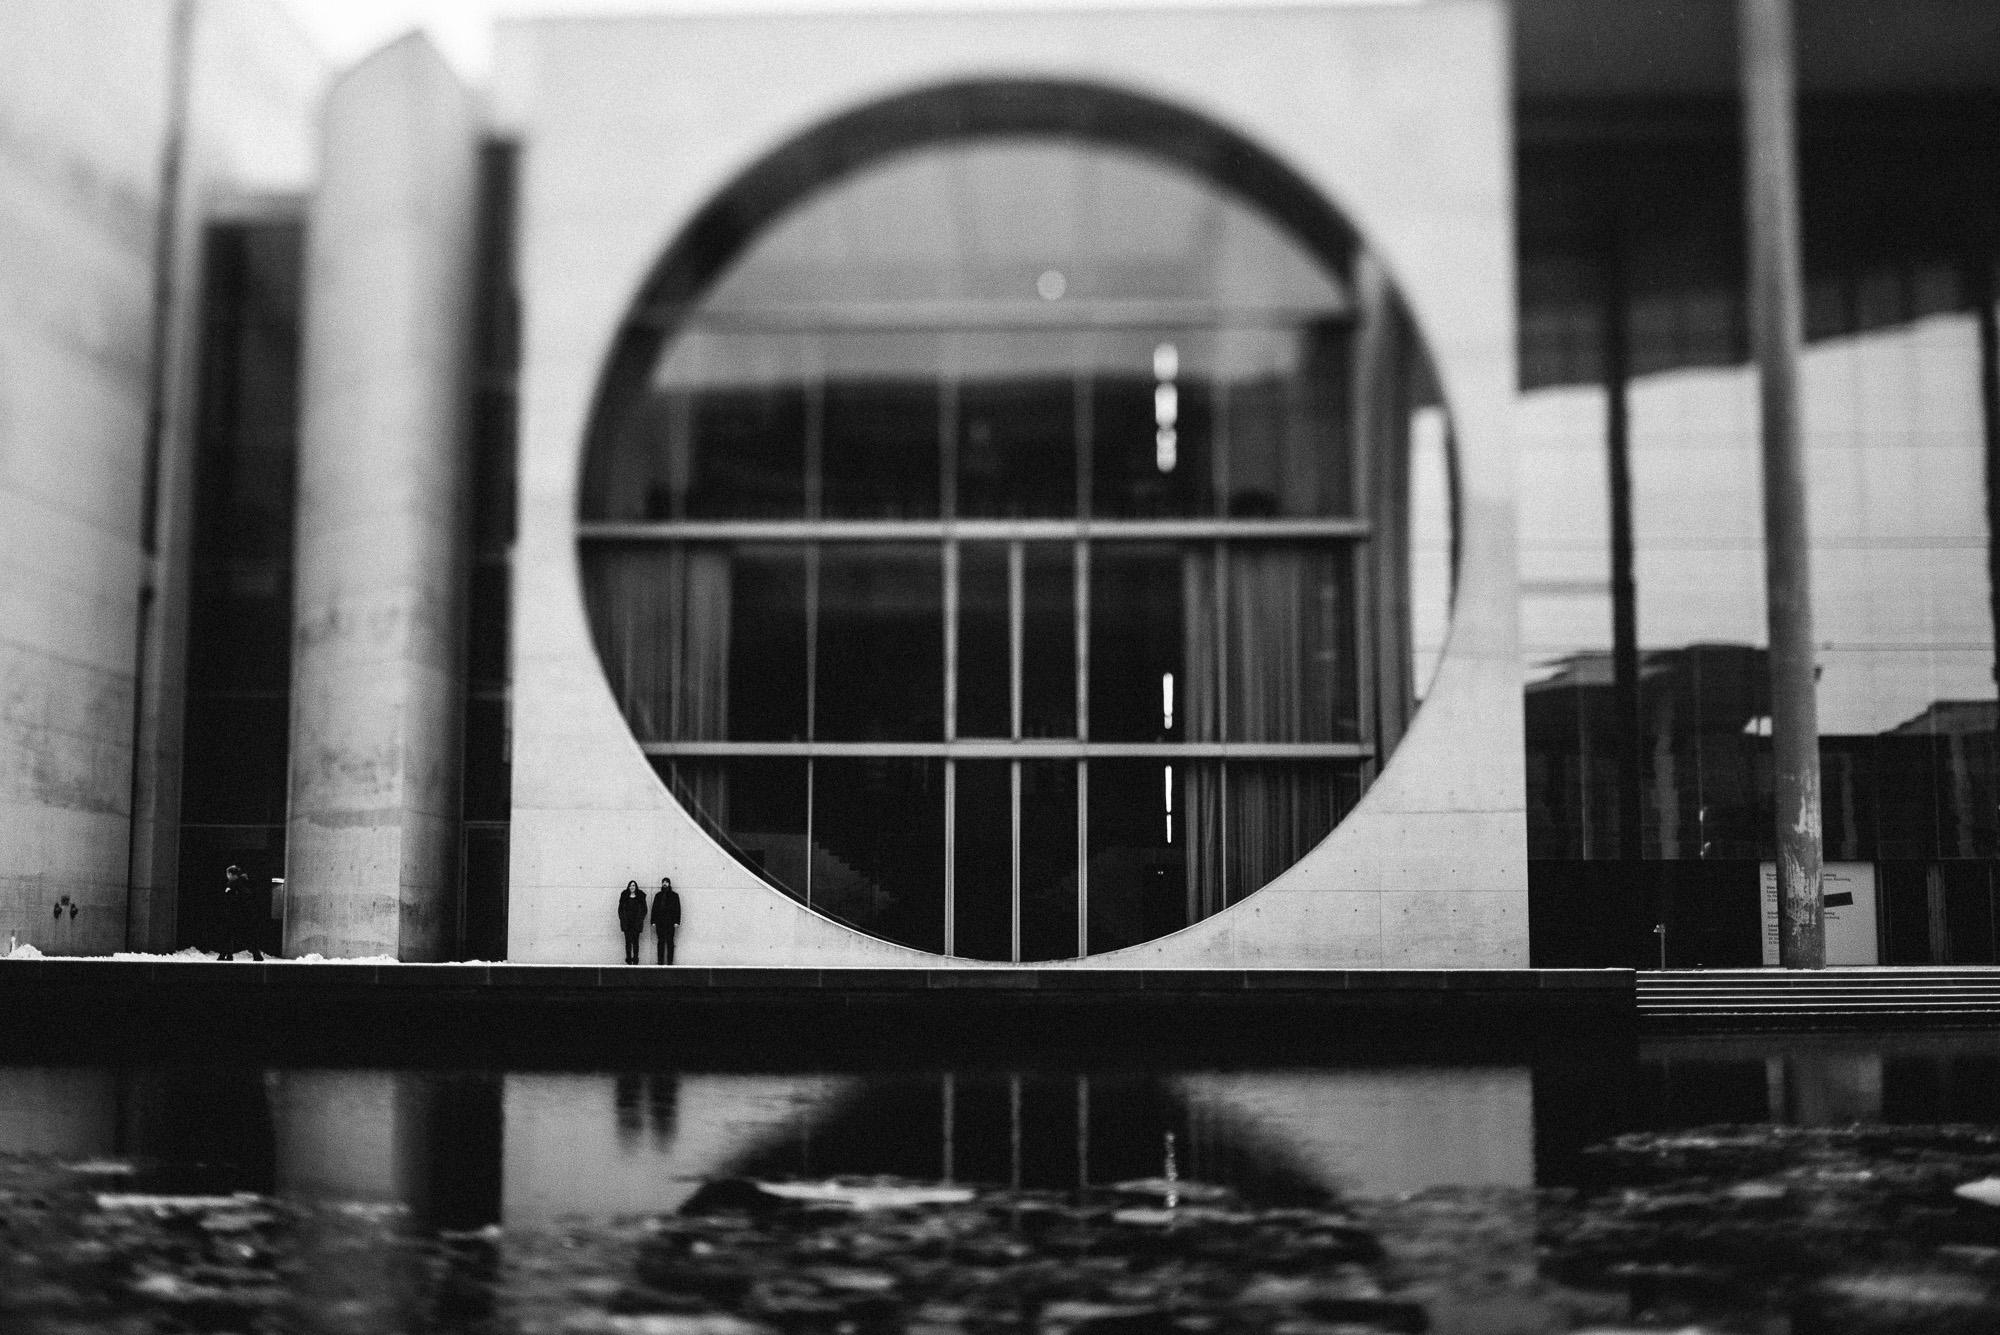 fotoshooting-berlin-11.jpg